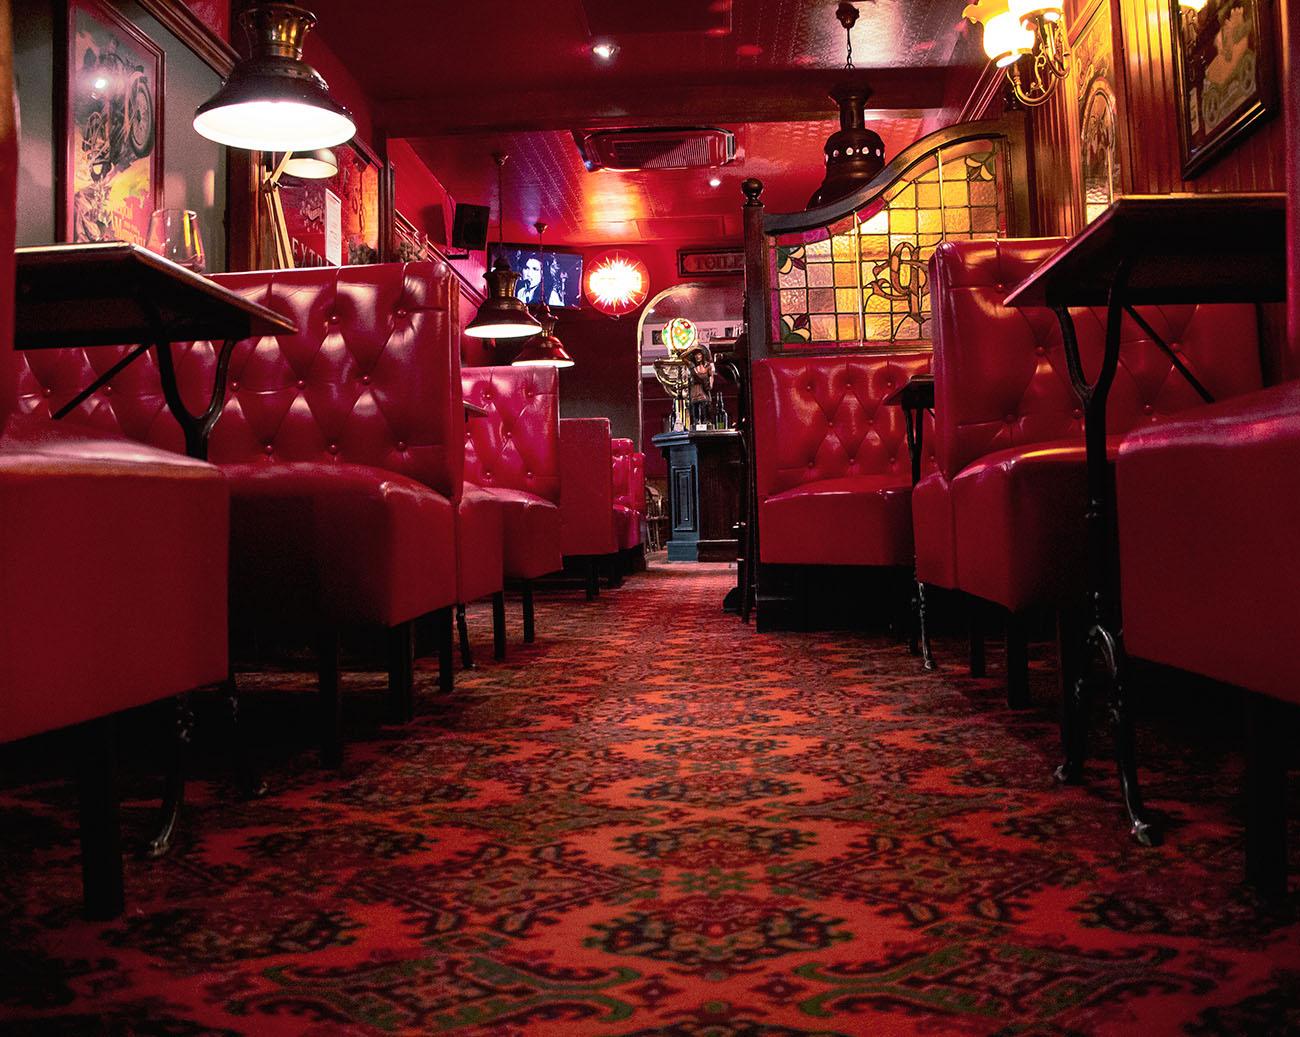 Le décor britannique du The Glue Pot situé à Reims, restaurant renommé et fameux bar à vins et champagnes !